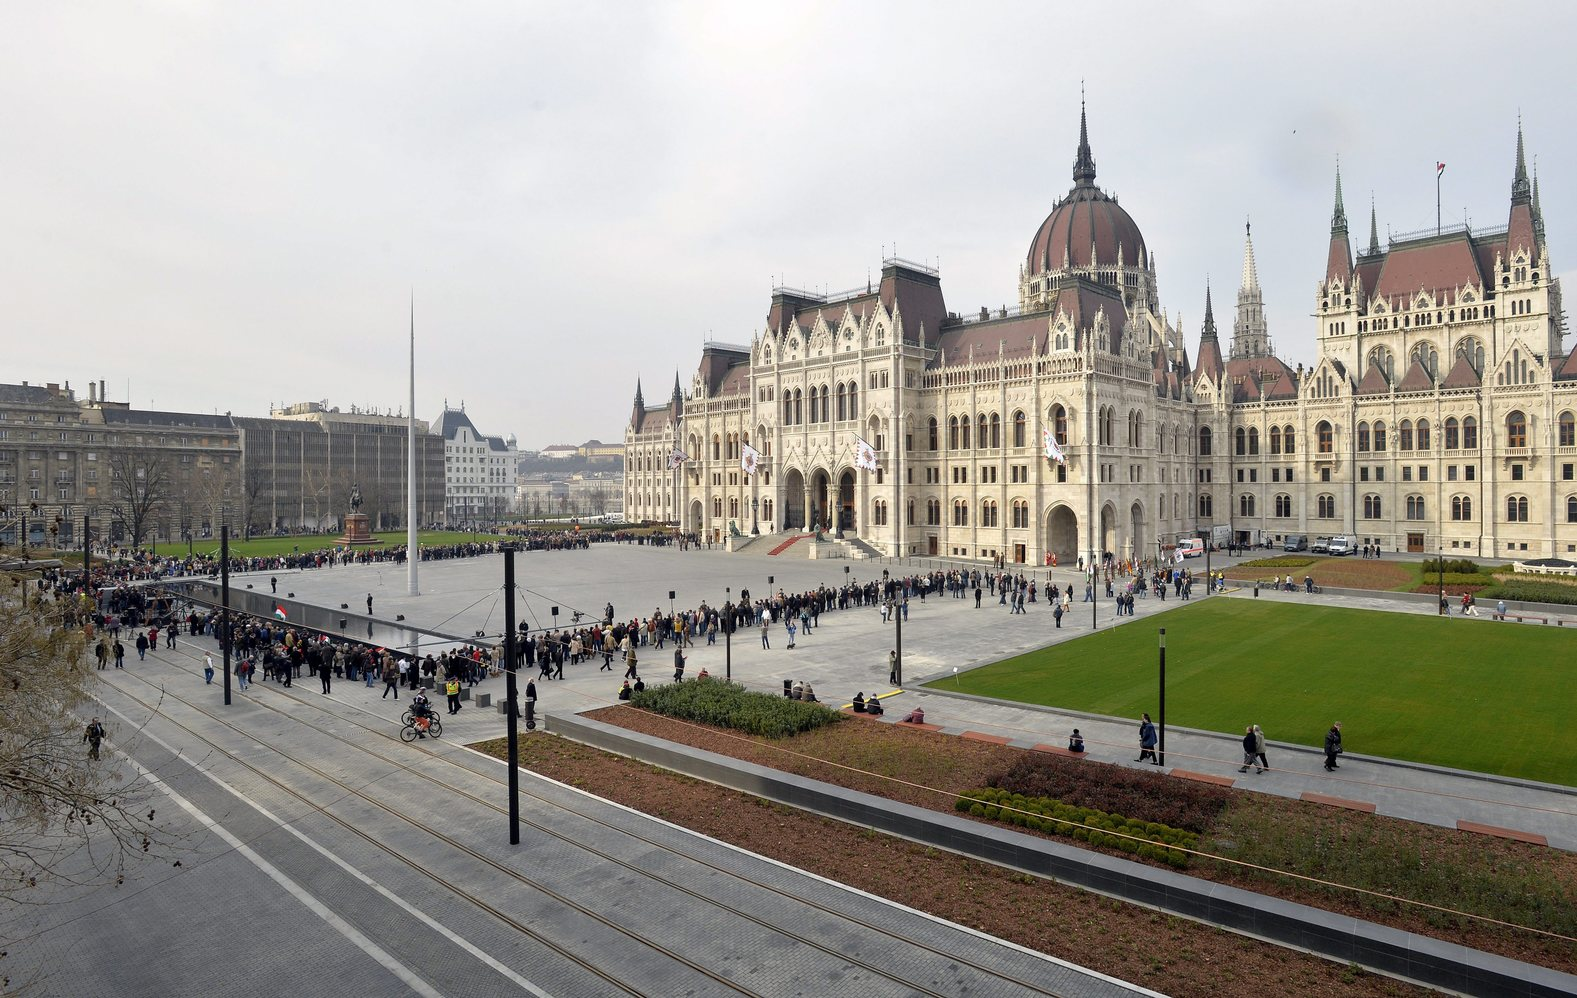 Budapest, 2014. március 15. Érkeznek az érdeklődők az Országház elé, a megújult Kossuth Lajos térre, ahol katonai tiszteletadással felvonják Magyarország lobogóját az 1848-as forradalom kitörésének évfordulóján 2014. március 15-én. MTI Fotó: Máthé Zoltán